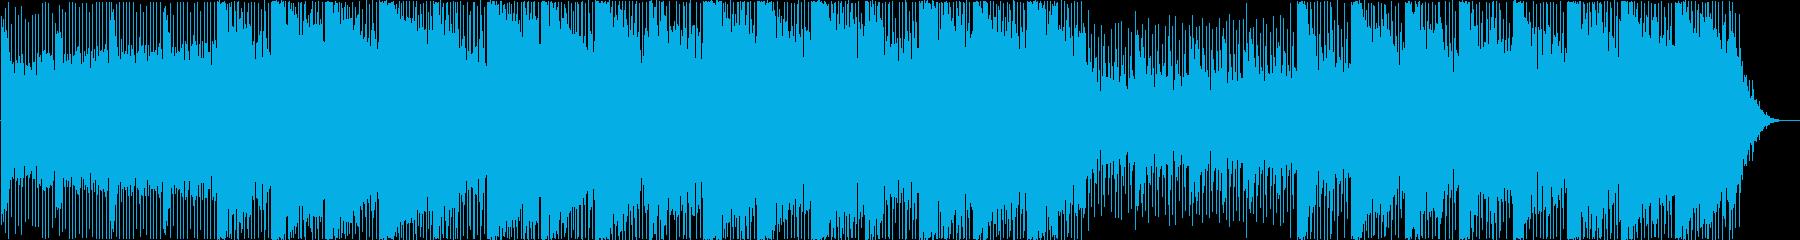 アンビエント ほのぼの 幸せ ファ...の再生済みの波形